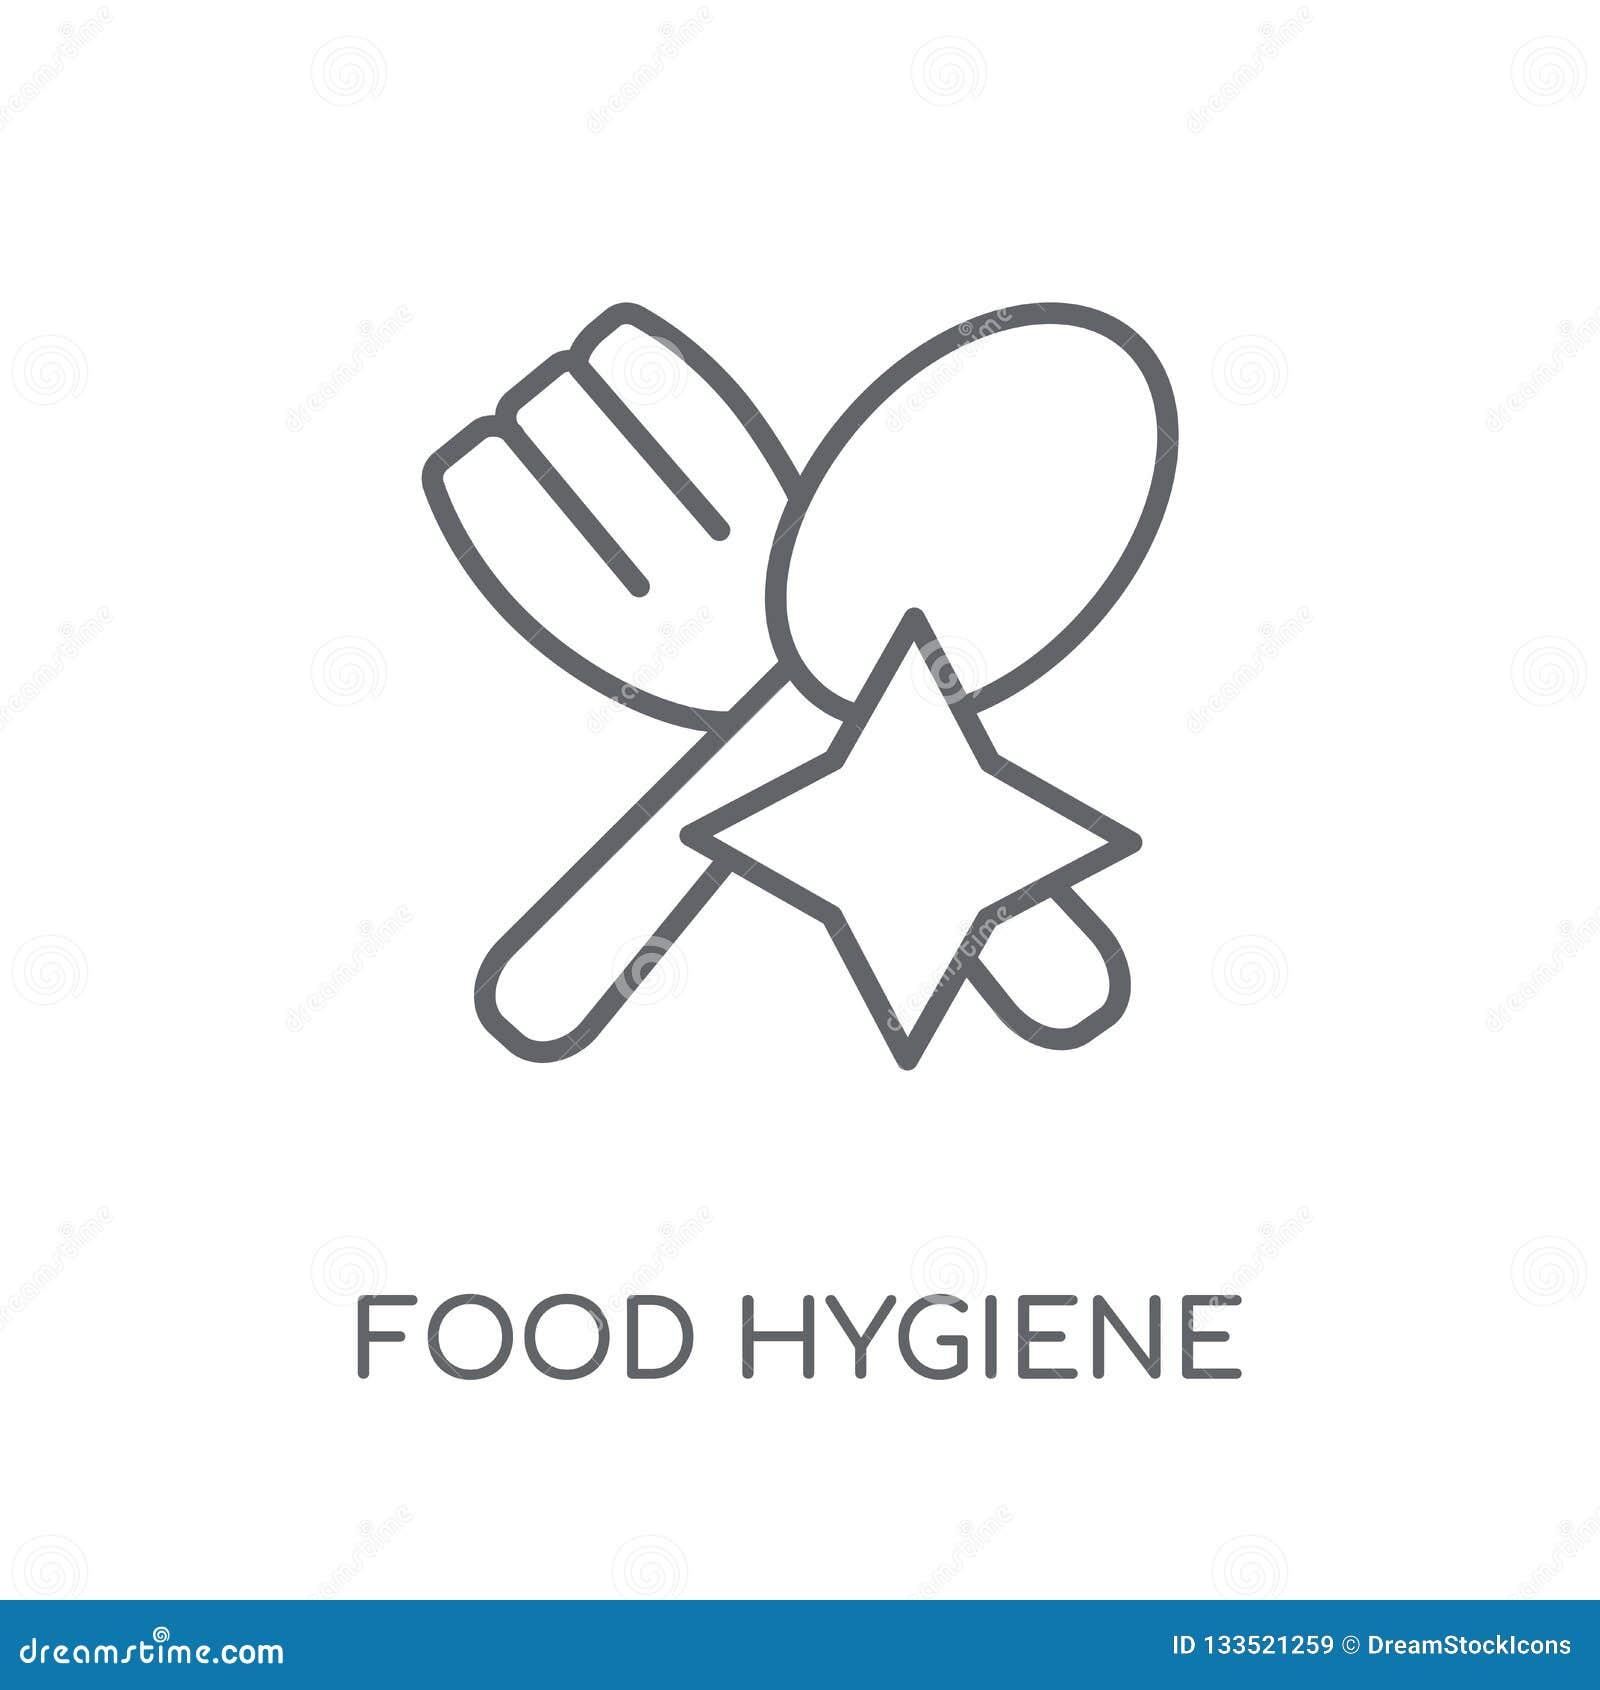 Icono linear de la higiene alimenticia Conce moderno del logotipo de la higiene alimenticia del esquema